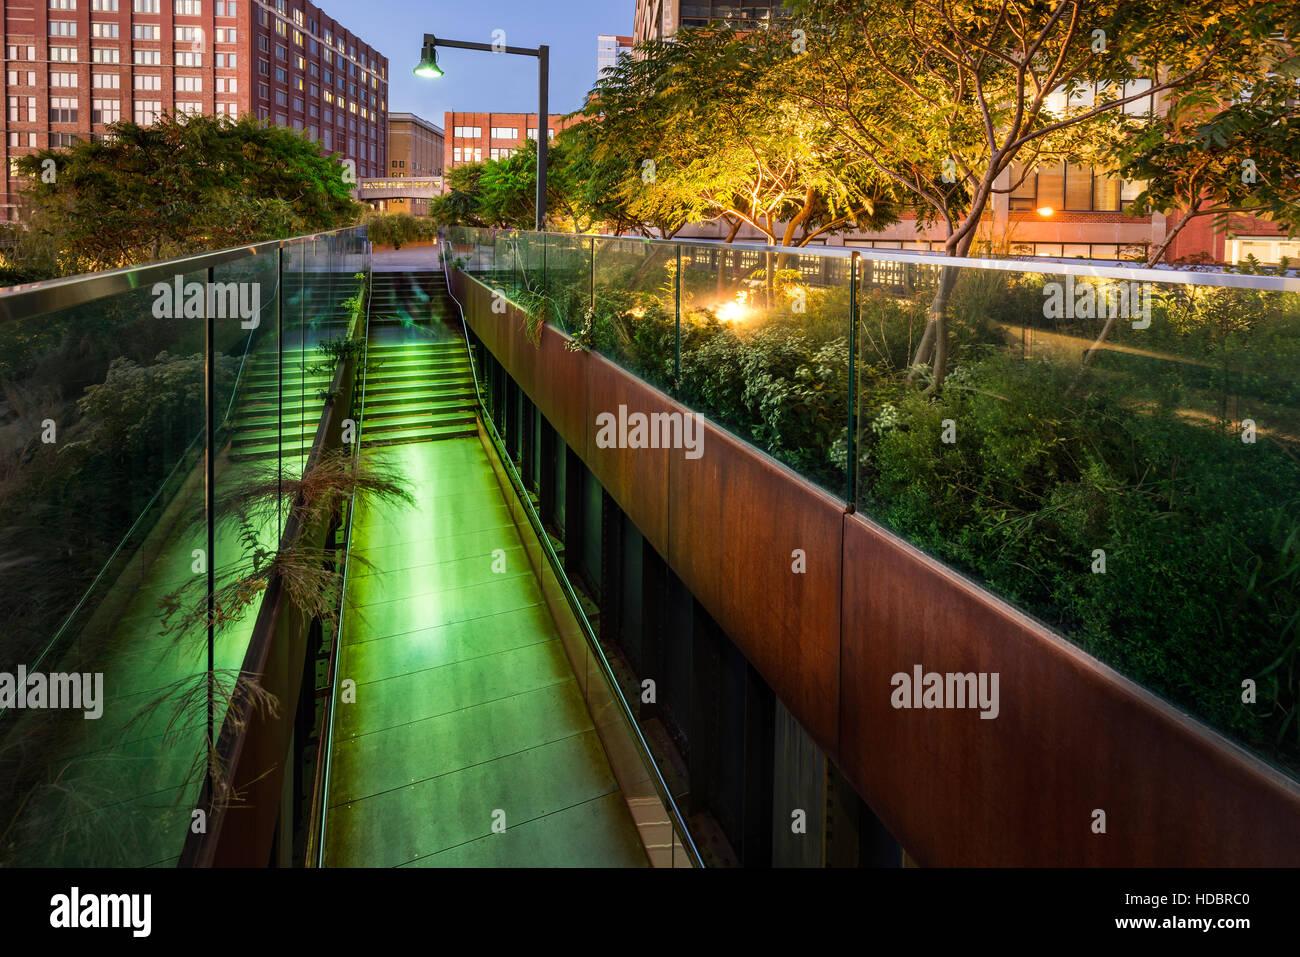 La ligne haute, promenade illuminée au crépuscule dans le West Village. L'antenne greenway est également Photo Stock